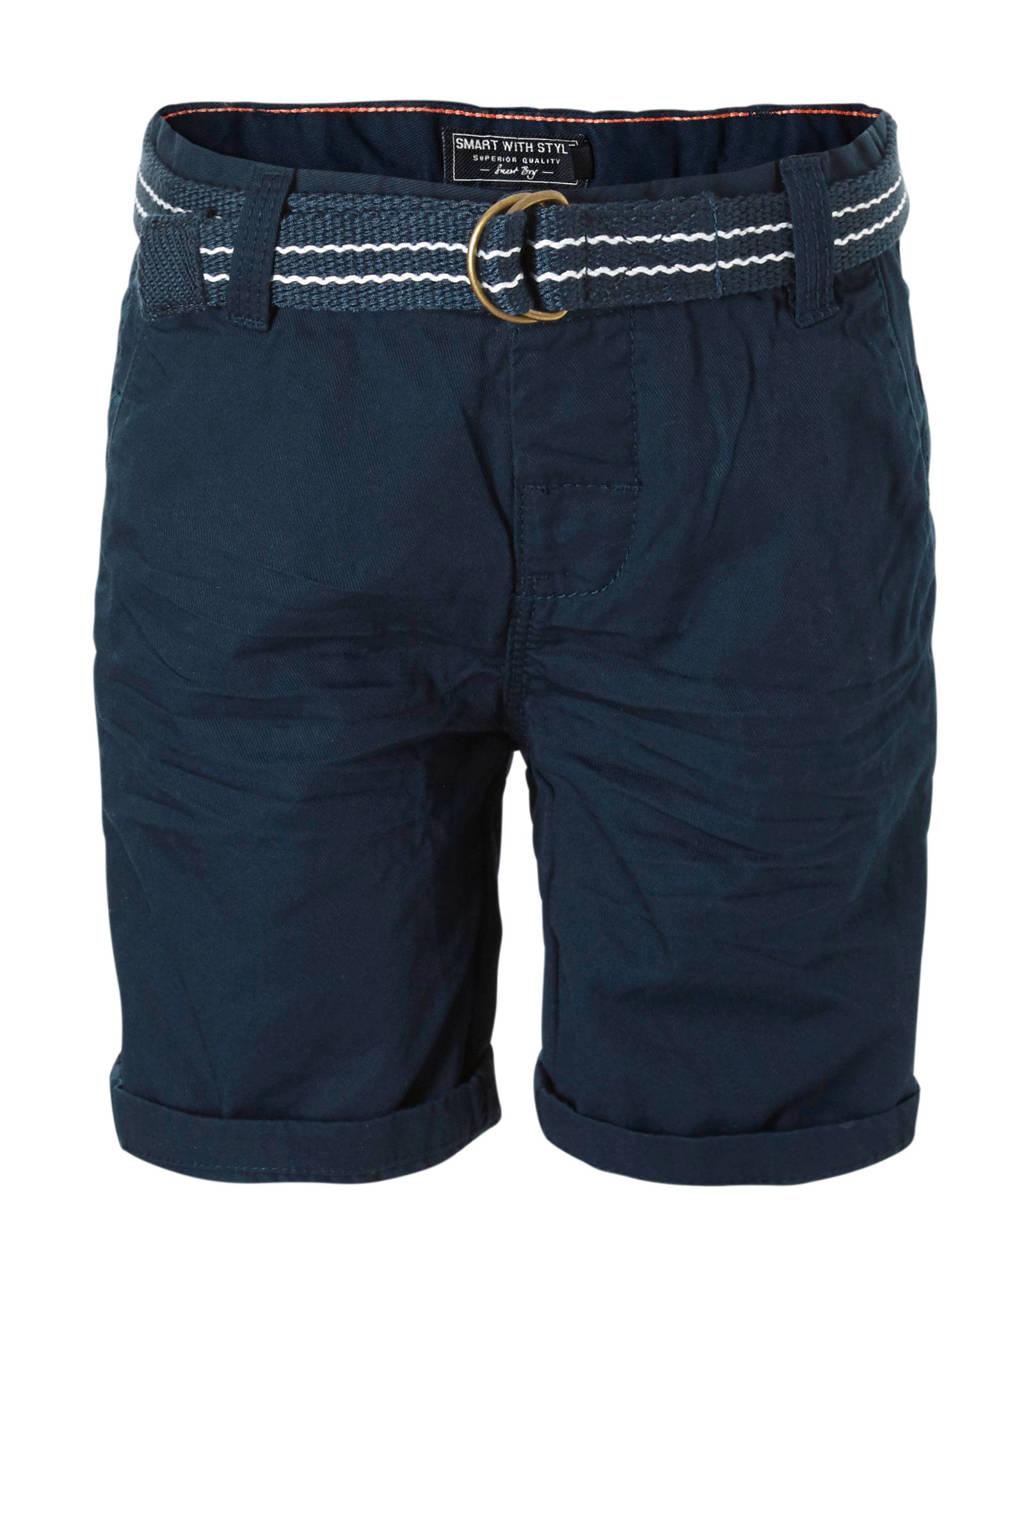 C&A Palomino short blauw, Donkerblauw